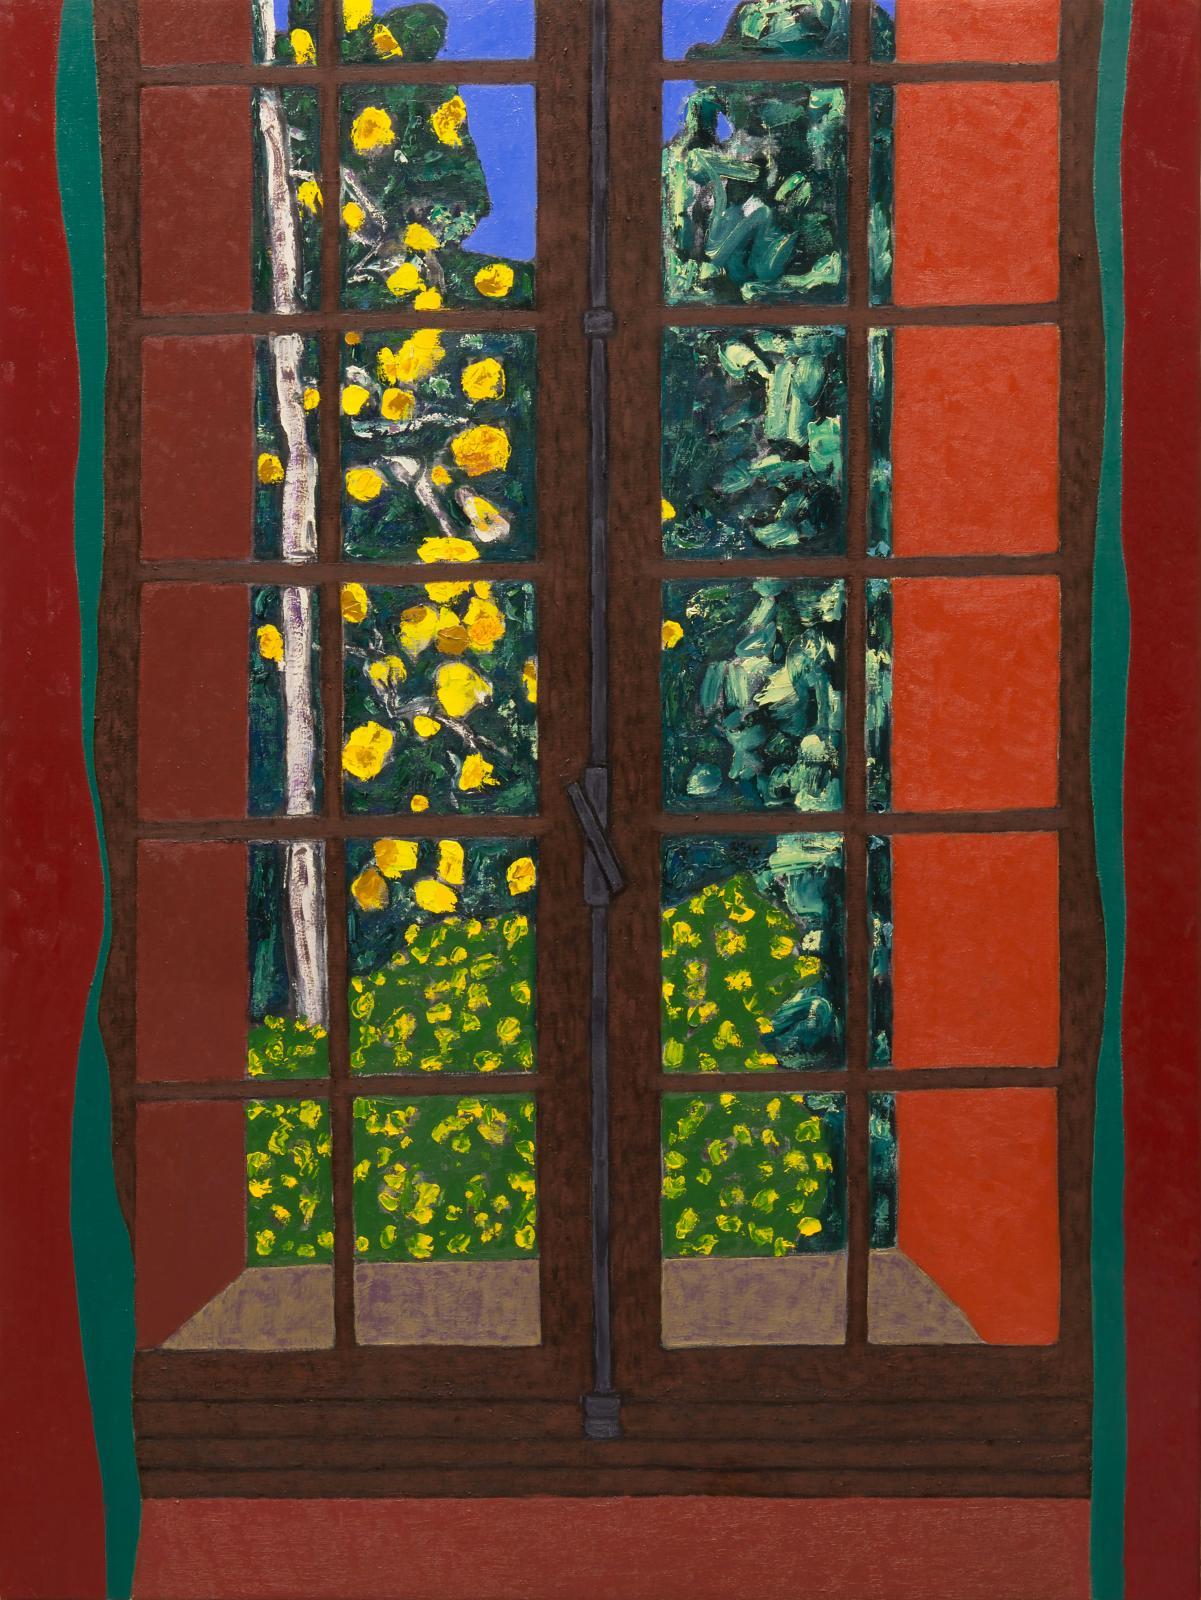 Vincent Bioulès (né en 1938), L'Été indien, 2018, huile sur toile, 130x97cm (détail).